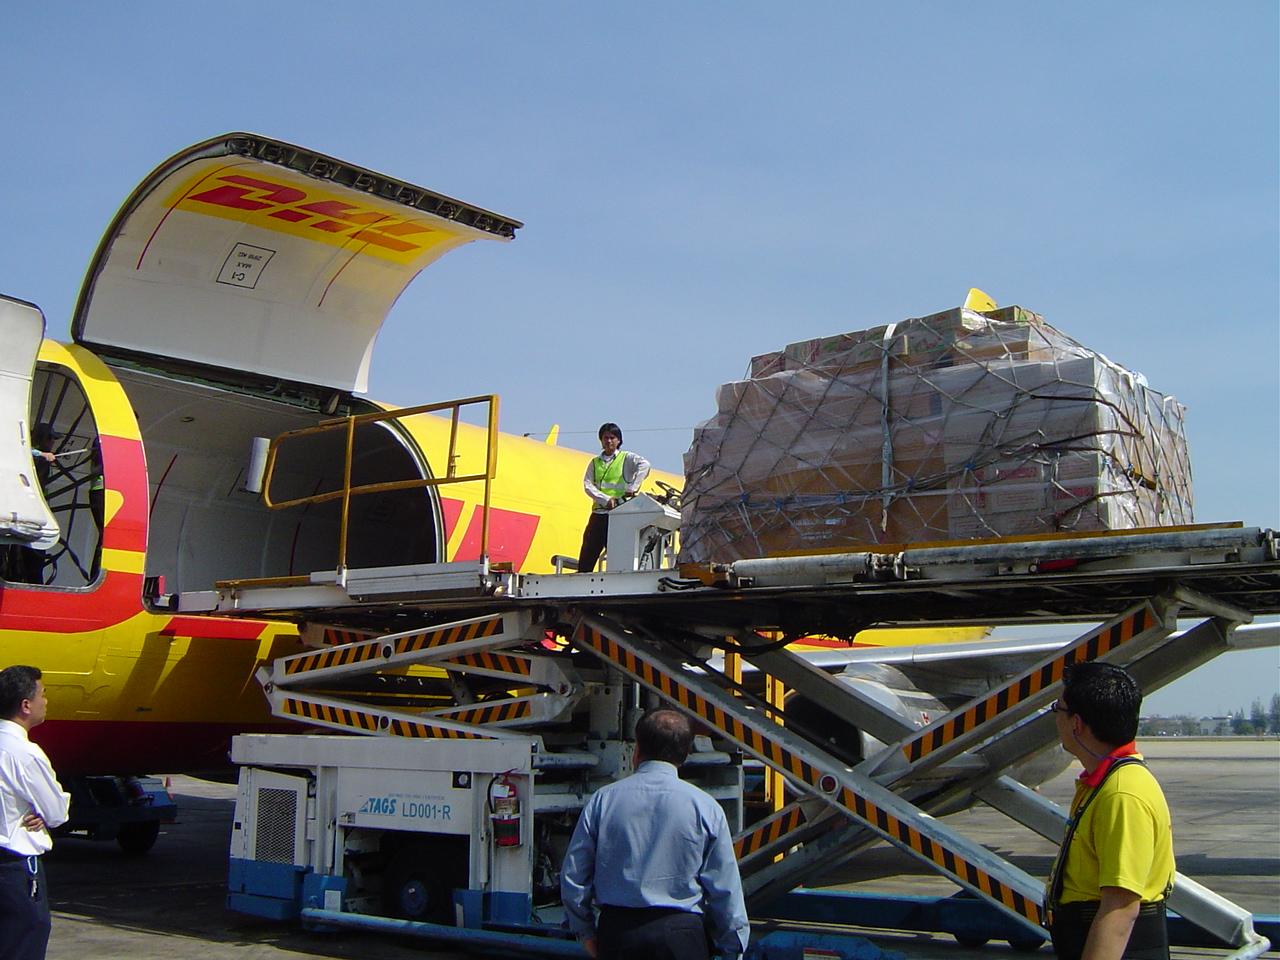 Dịch vụ chuyển phát nhanh quốc tế đi New Zealand của Sài Gòn Bay Express